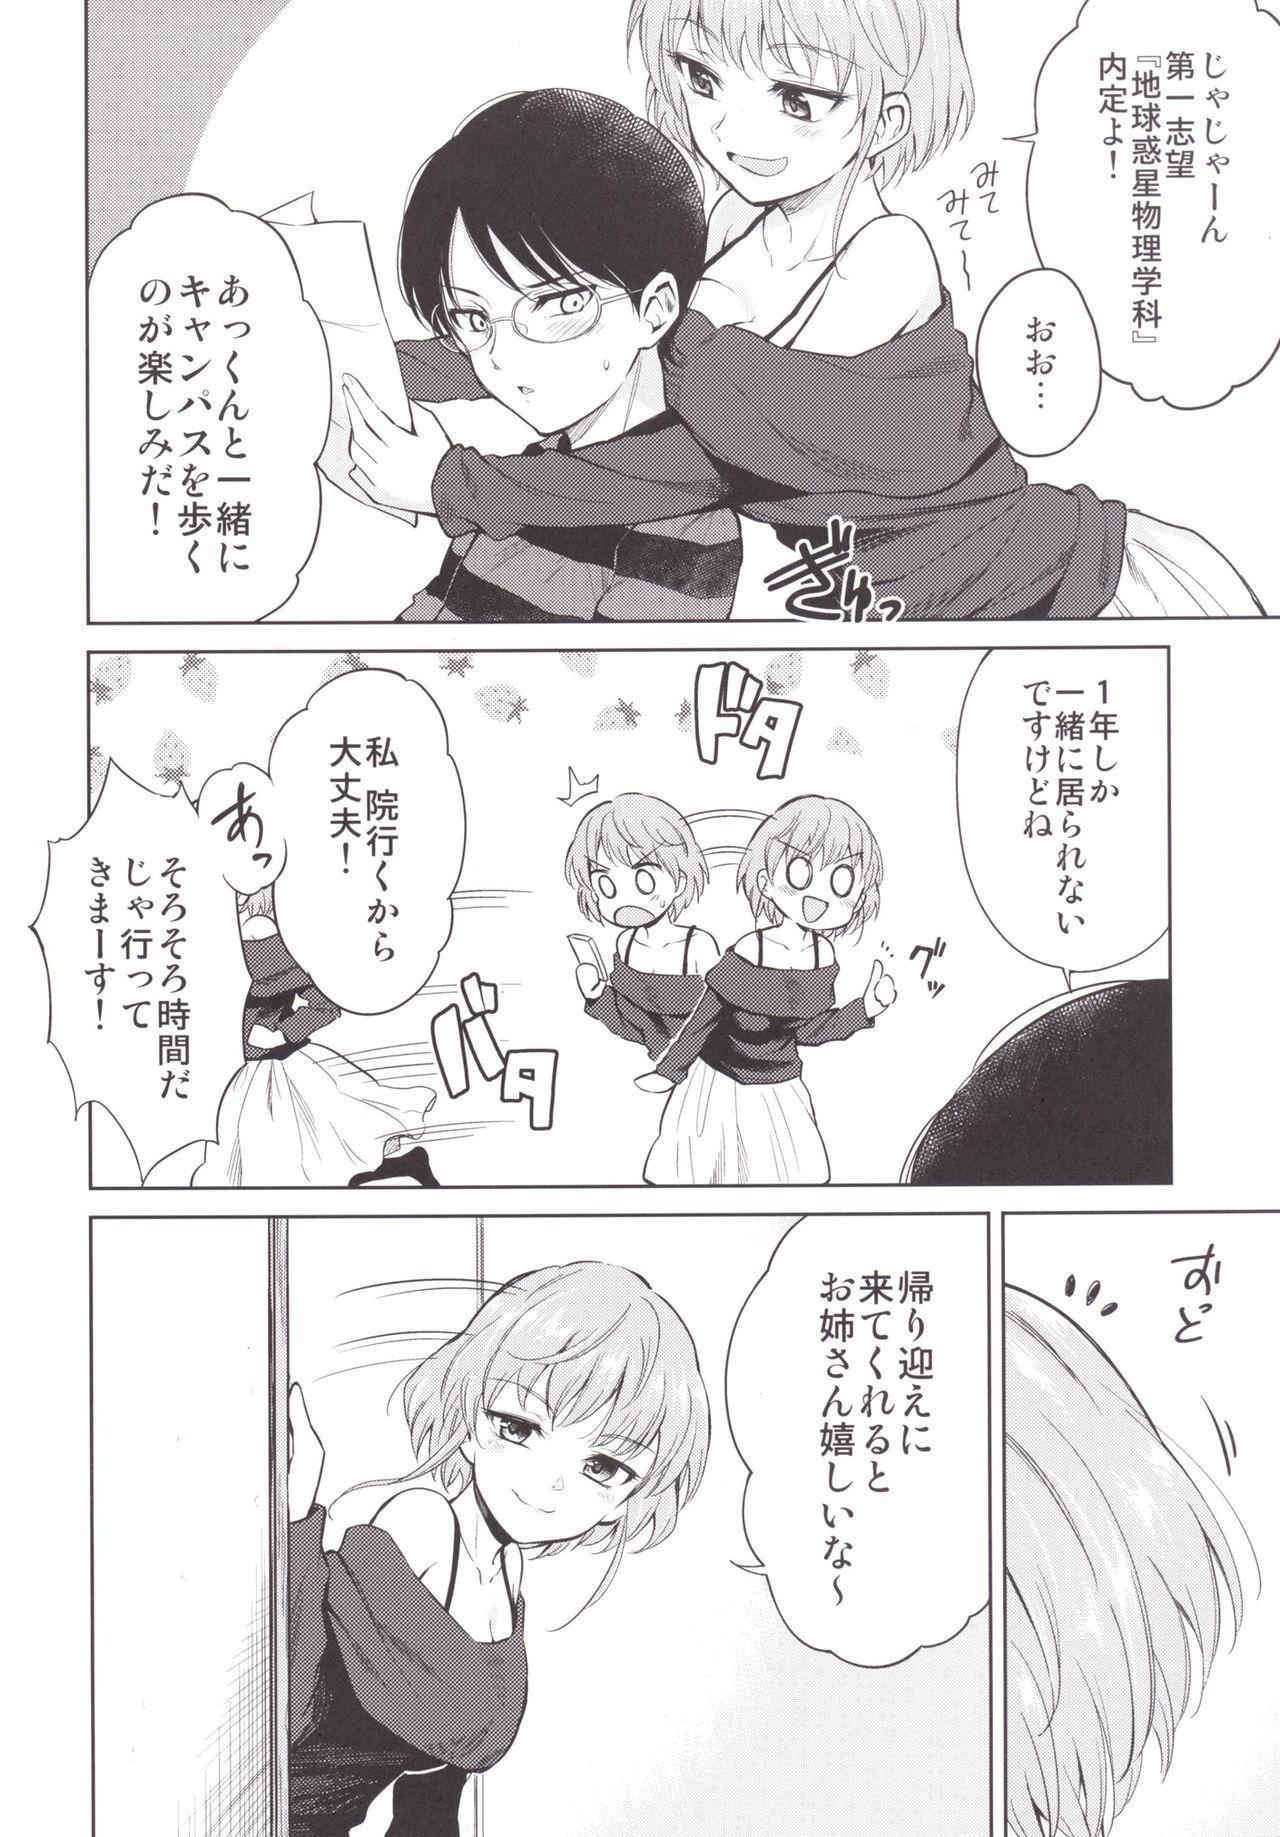 Shimasho! 4